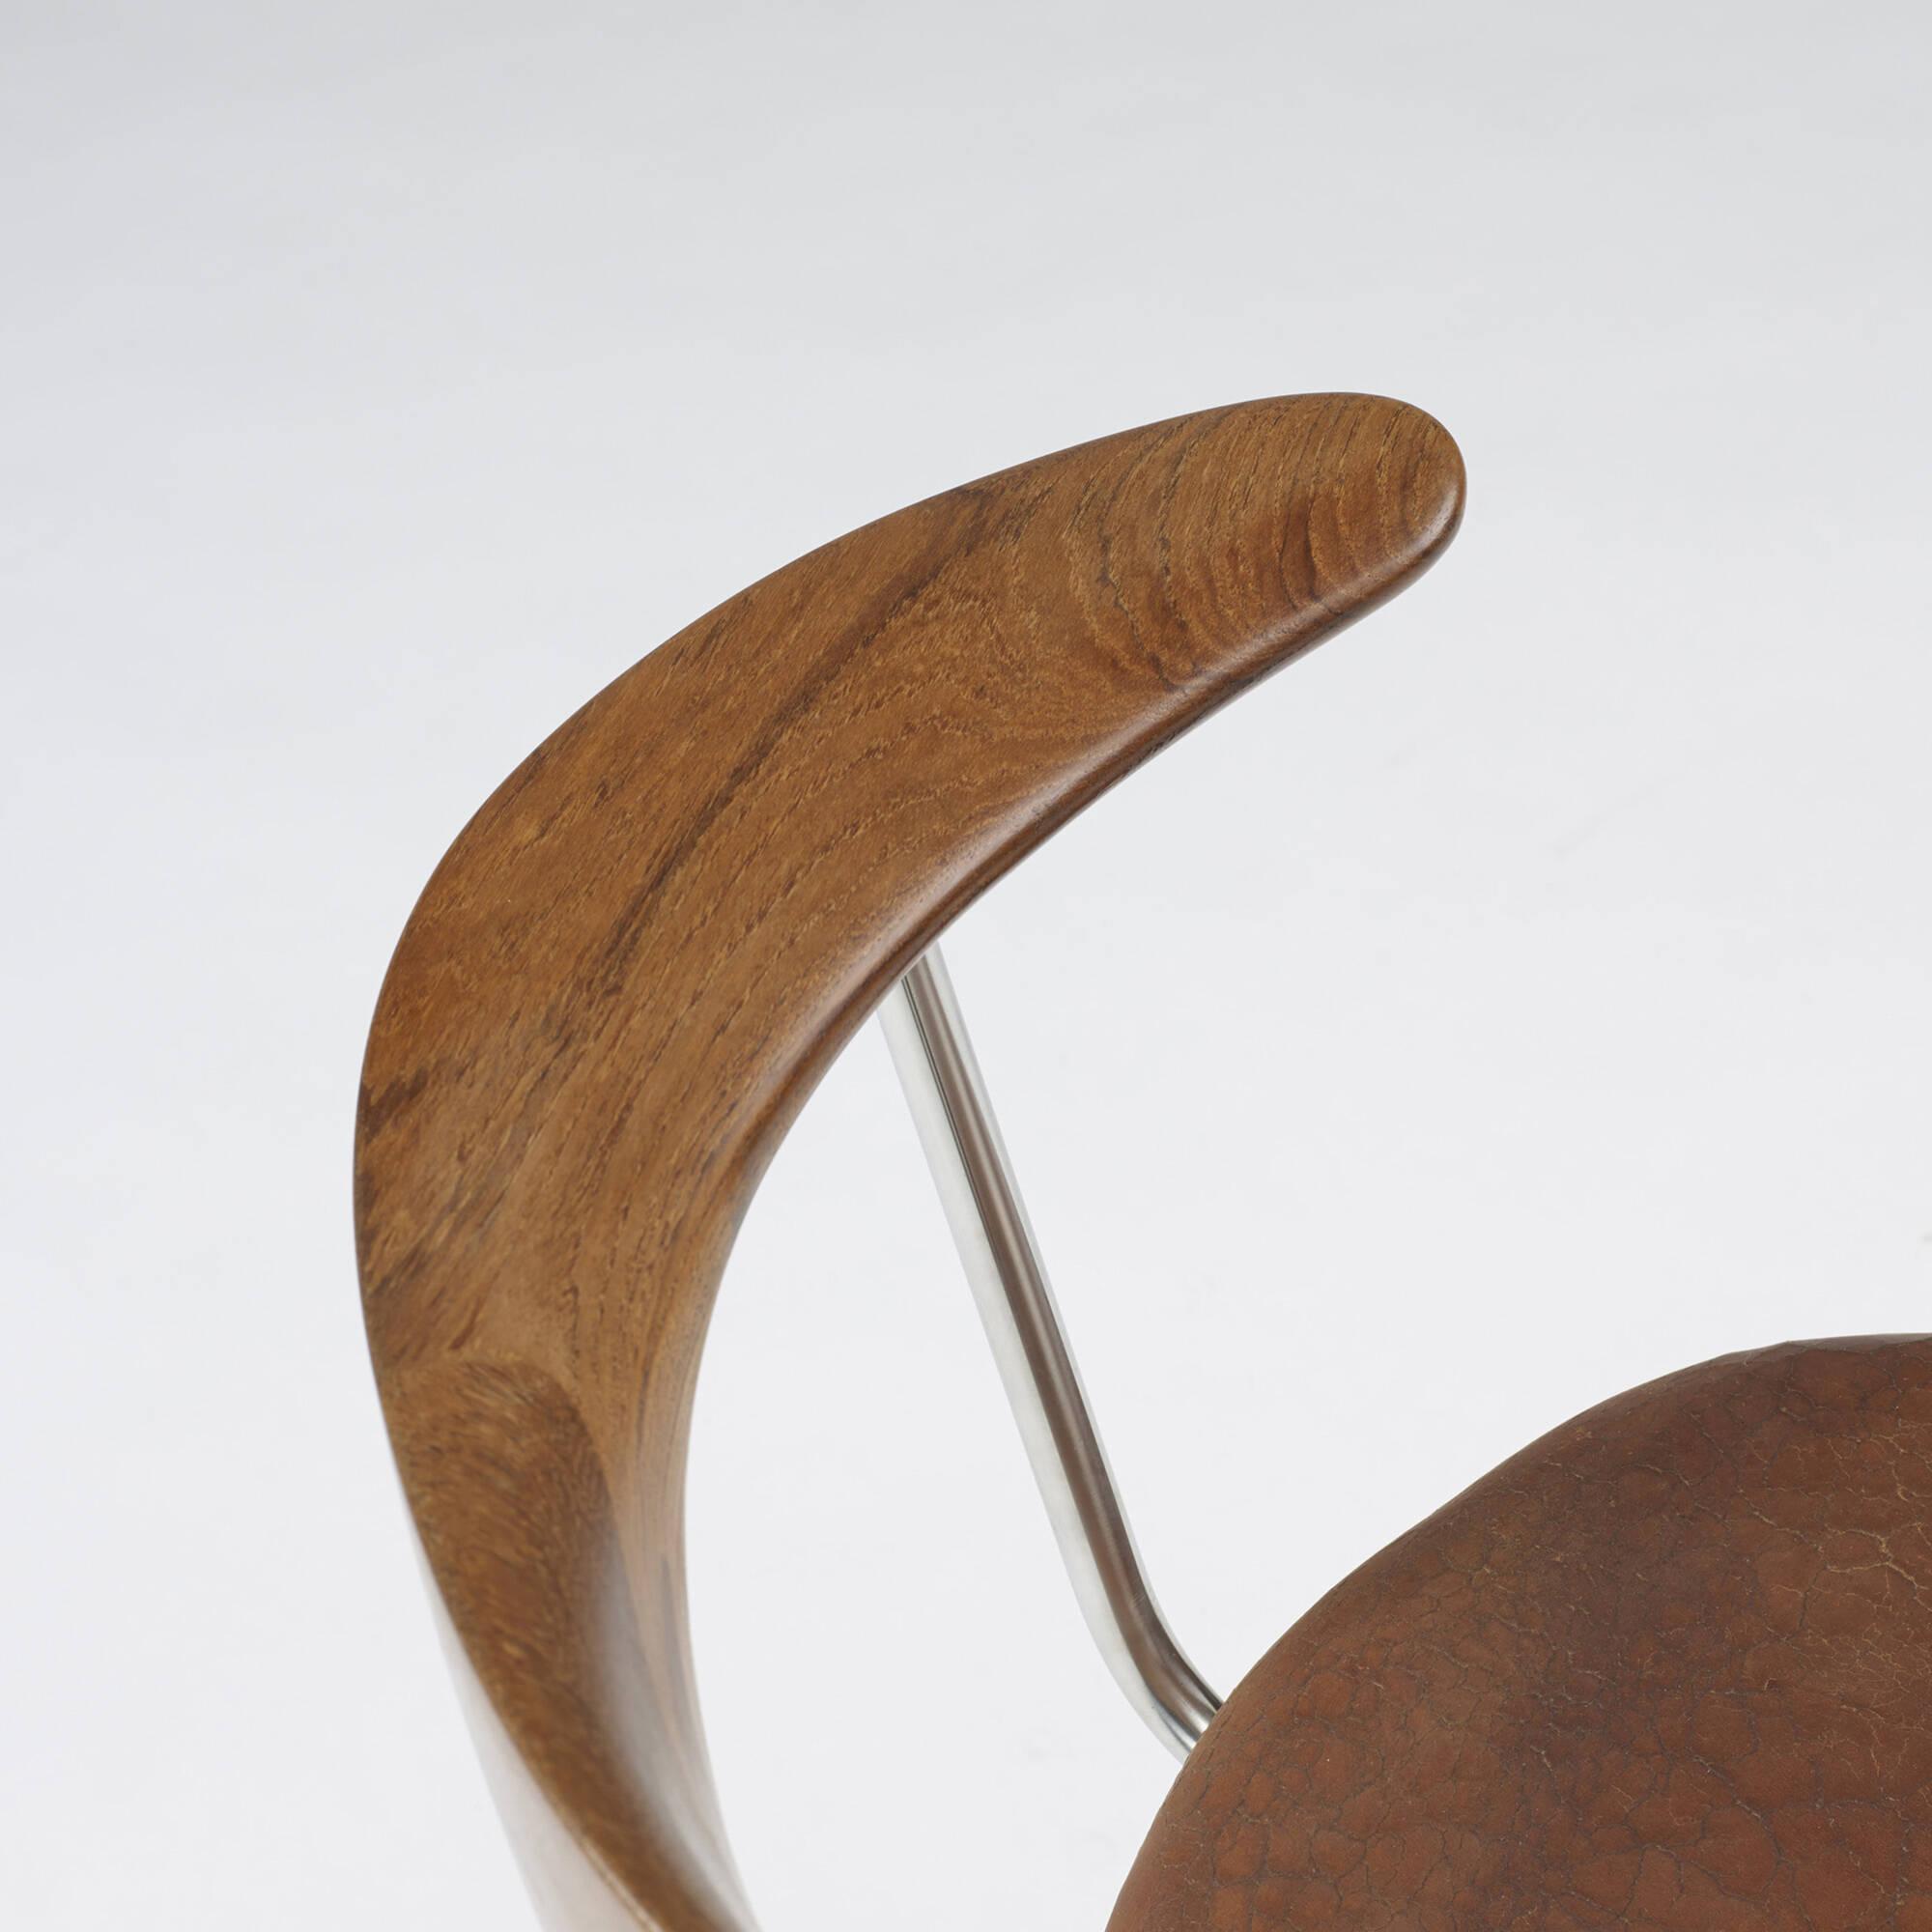 198: Hans J. Wegner / Swivel chair (6 of 9)